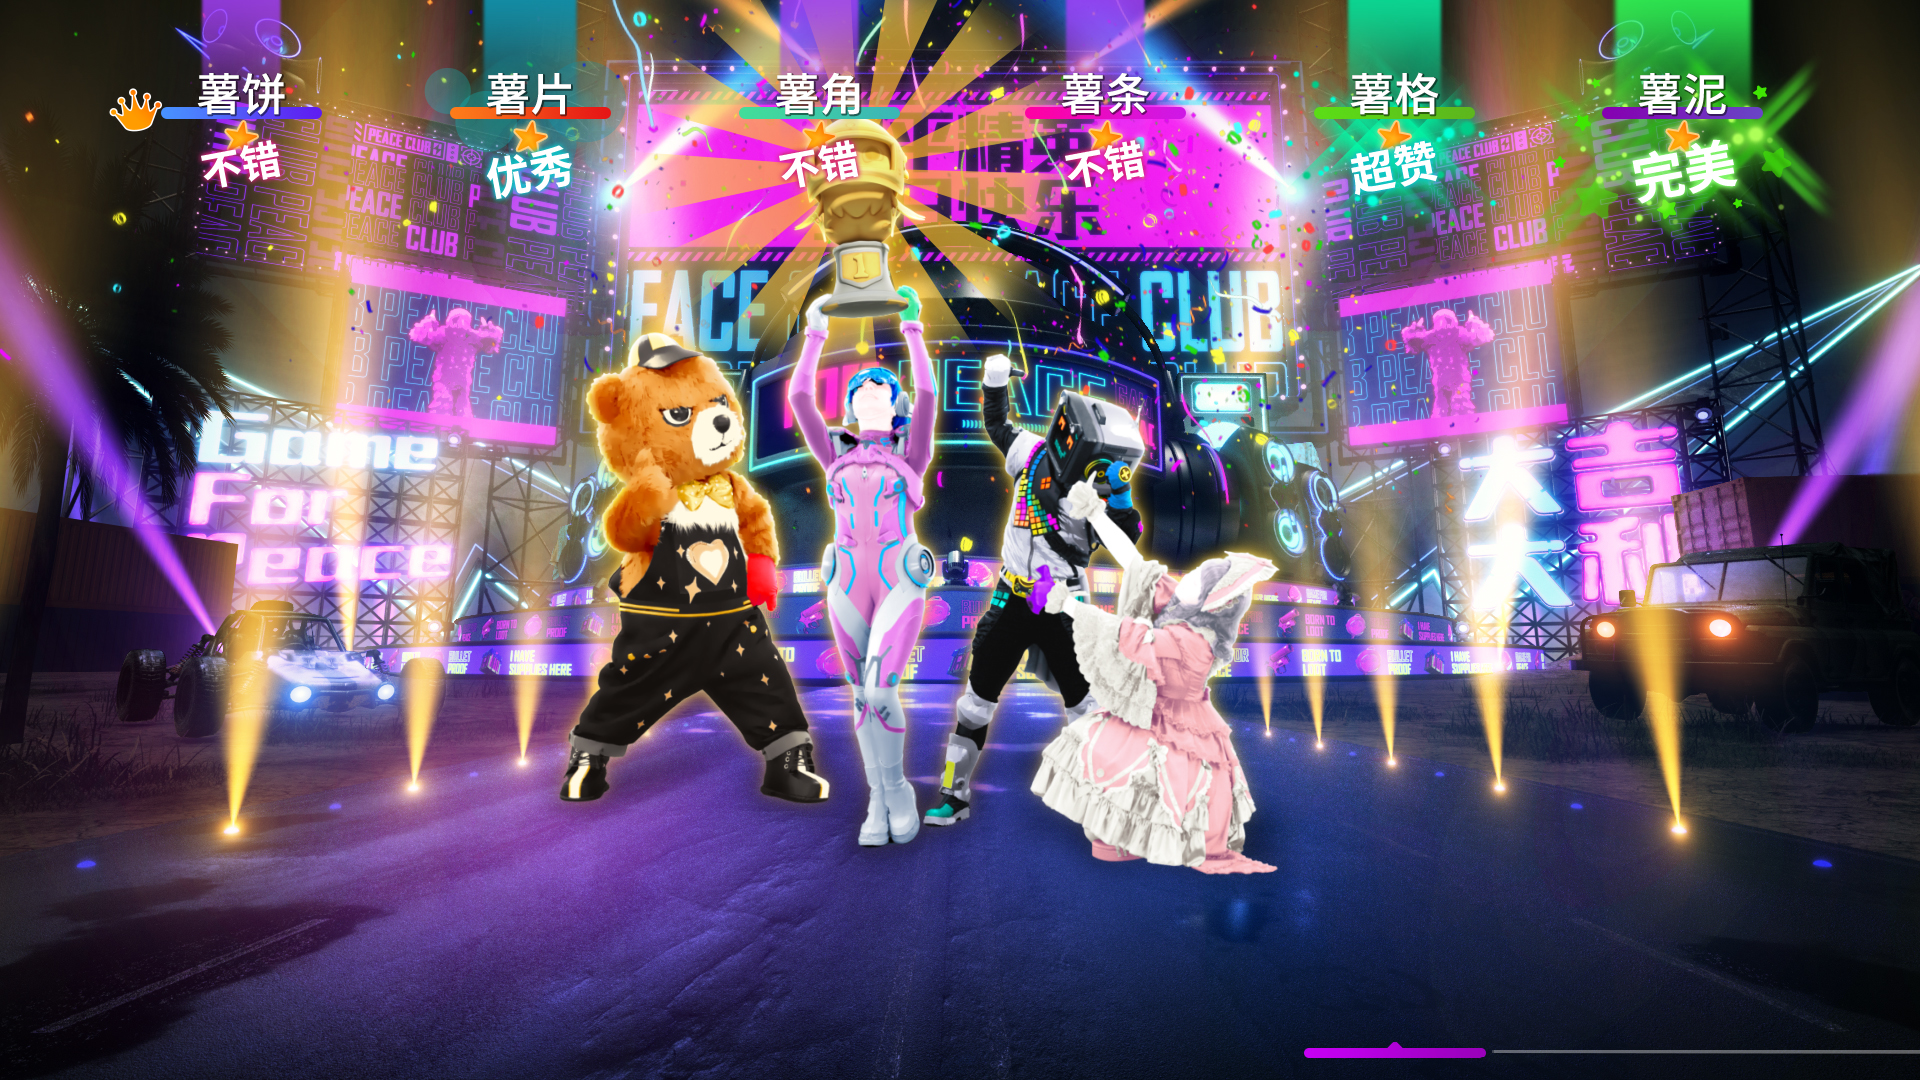 DANCE FOR PEACE!《和平精英》2周年庆派对邀请曲《Let's Pa